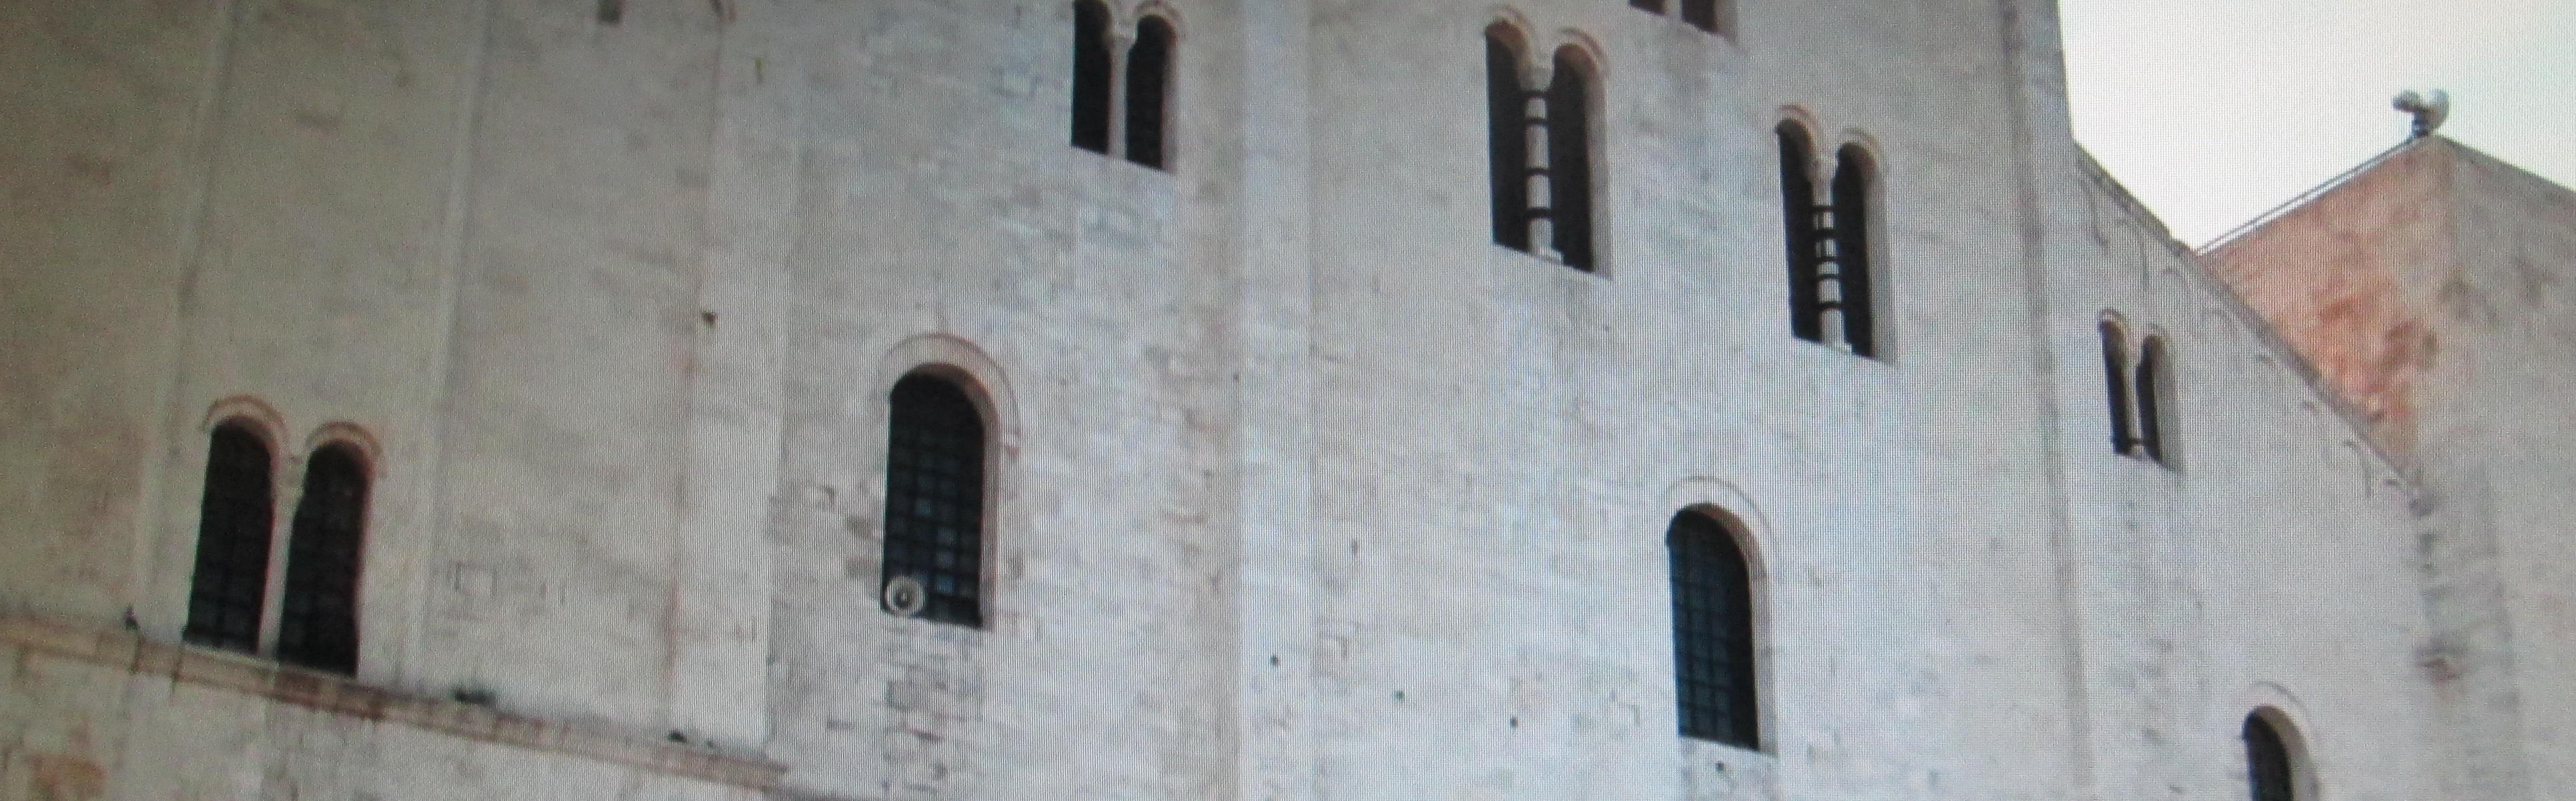 Arte sacra italiana: cattedrali, chiese e santuari in Puglia